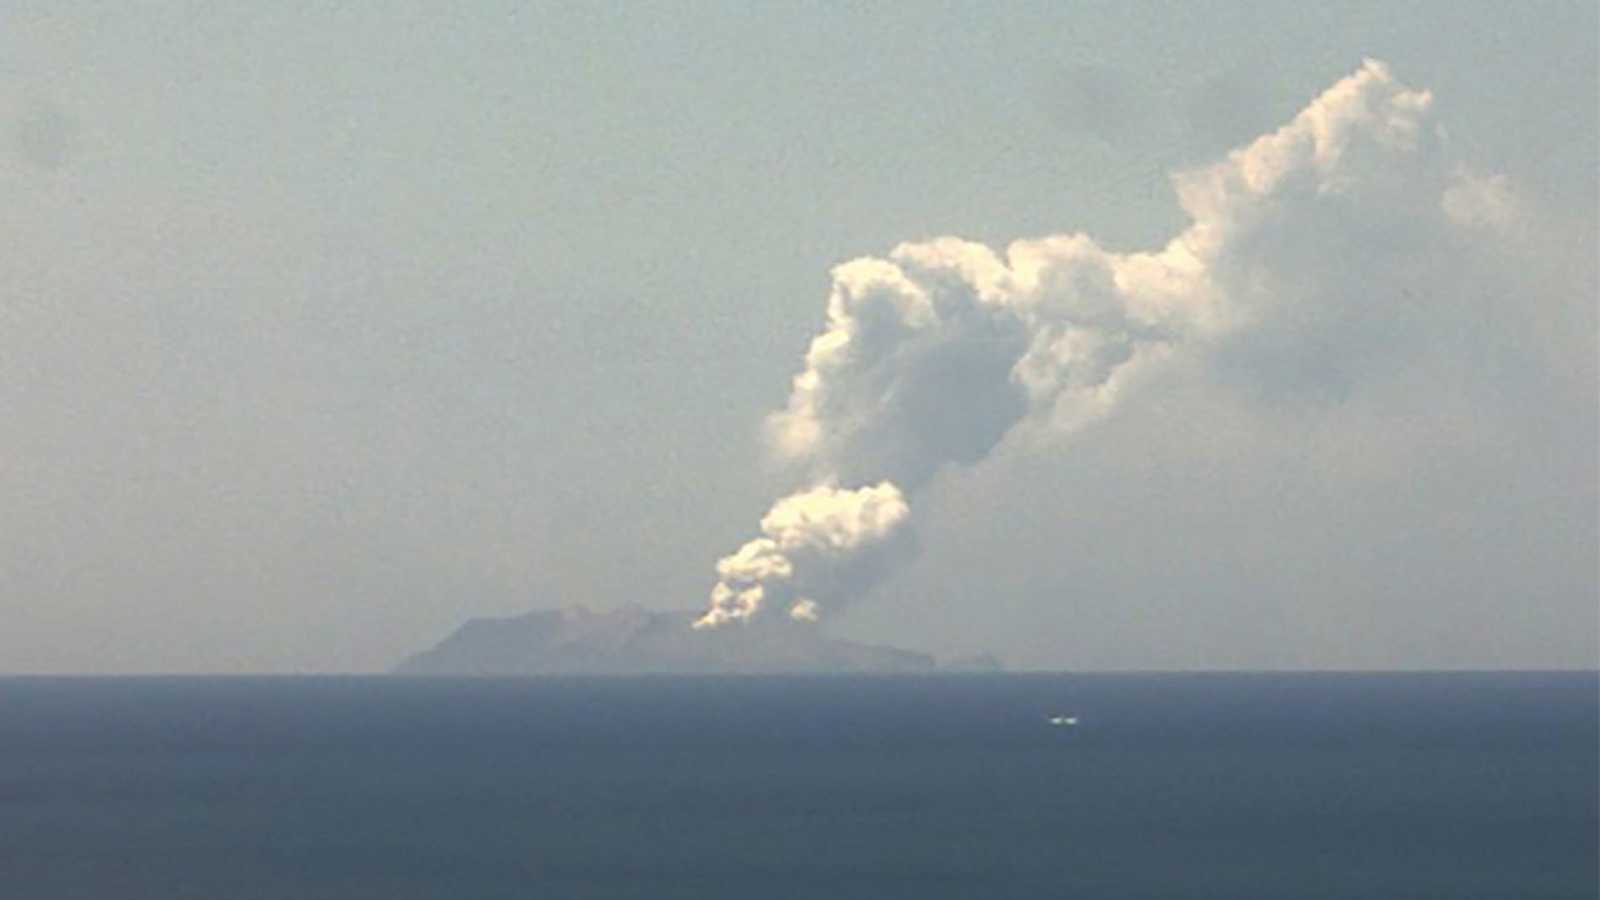 En las imágenes se aprecia la enorme columna de humo que sale desde la caldera, que según los expertos alcanzó los 3.000 metros de altura